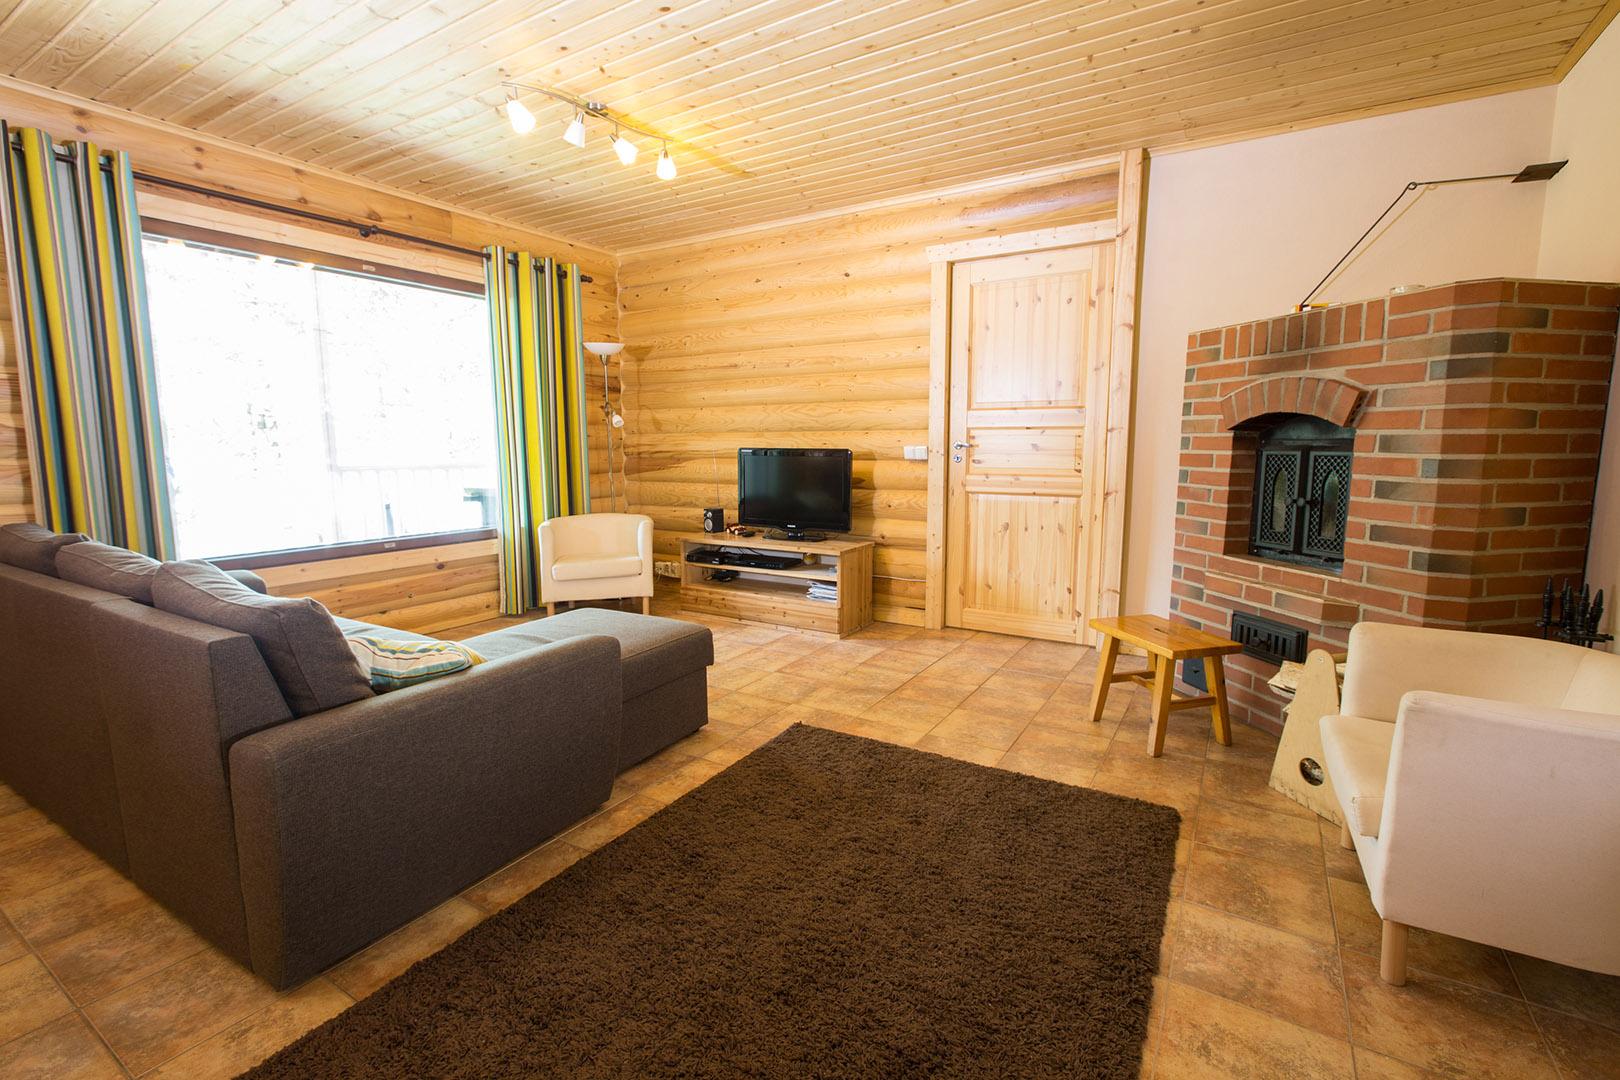 2_Naaranlahti_1_cottage_Kimmo Ervola